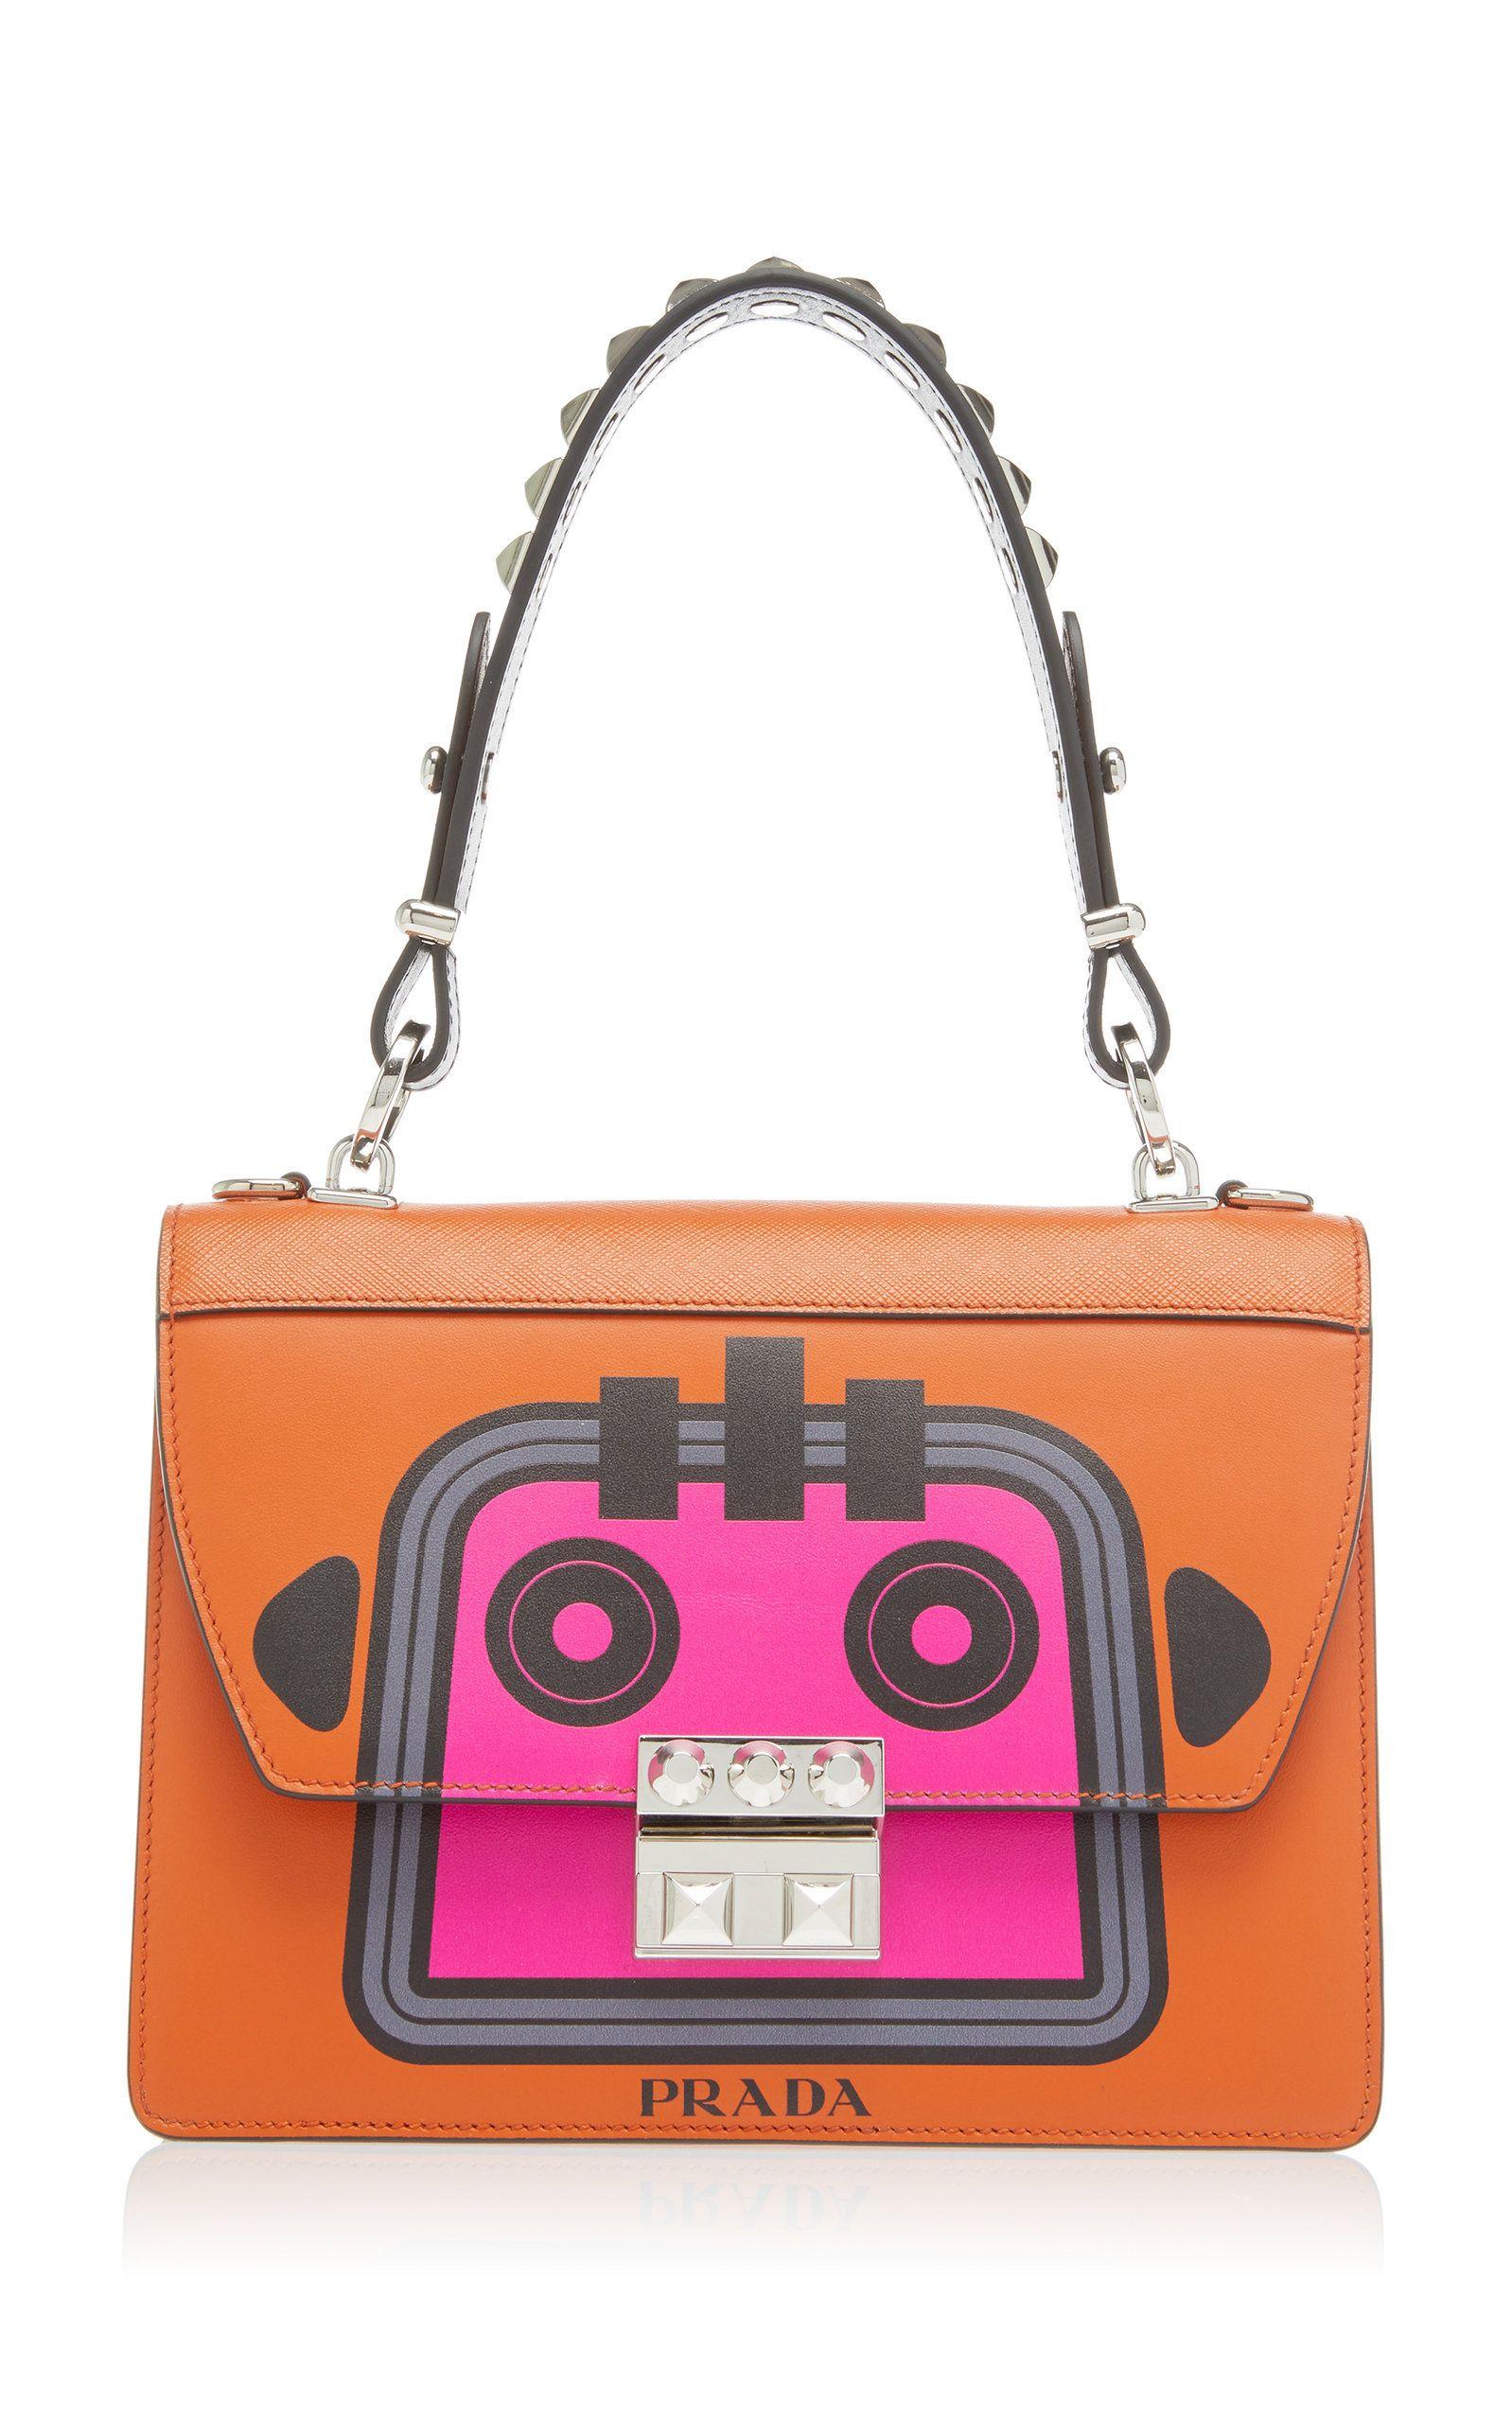 0b09b7d0a6c Prada City Calf And Saffiano Bag With Robot